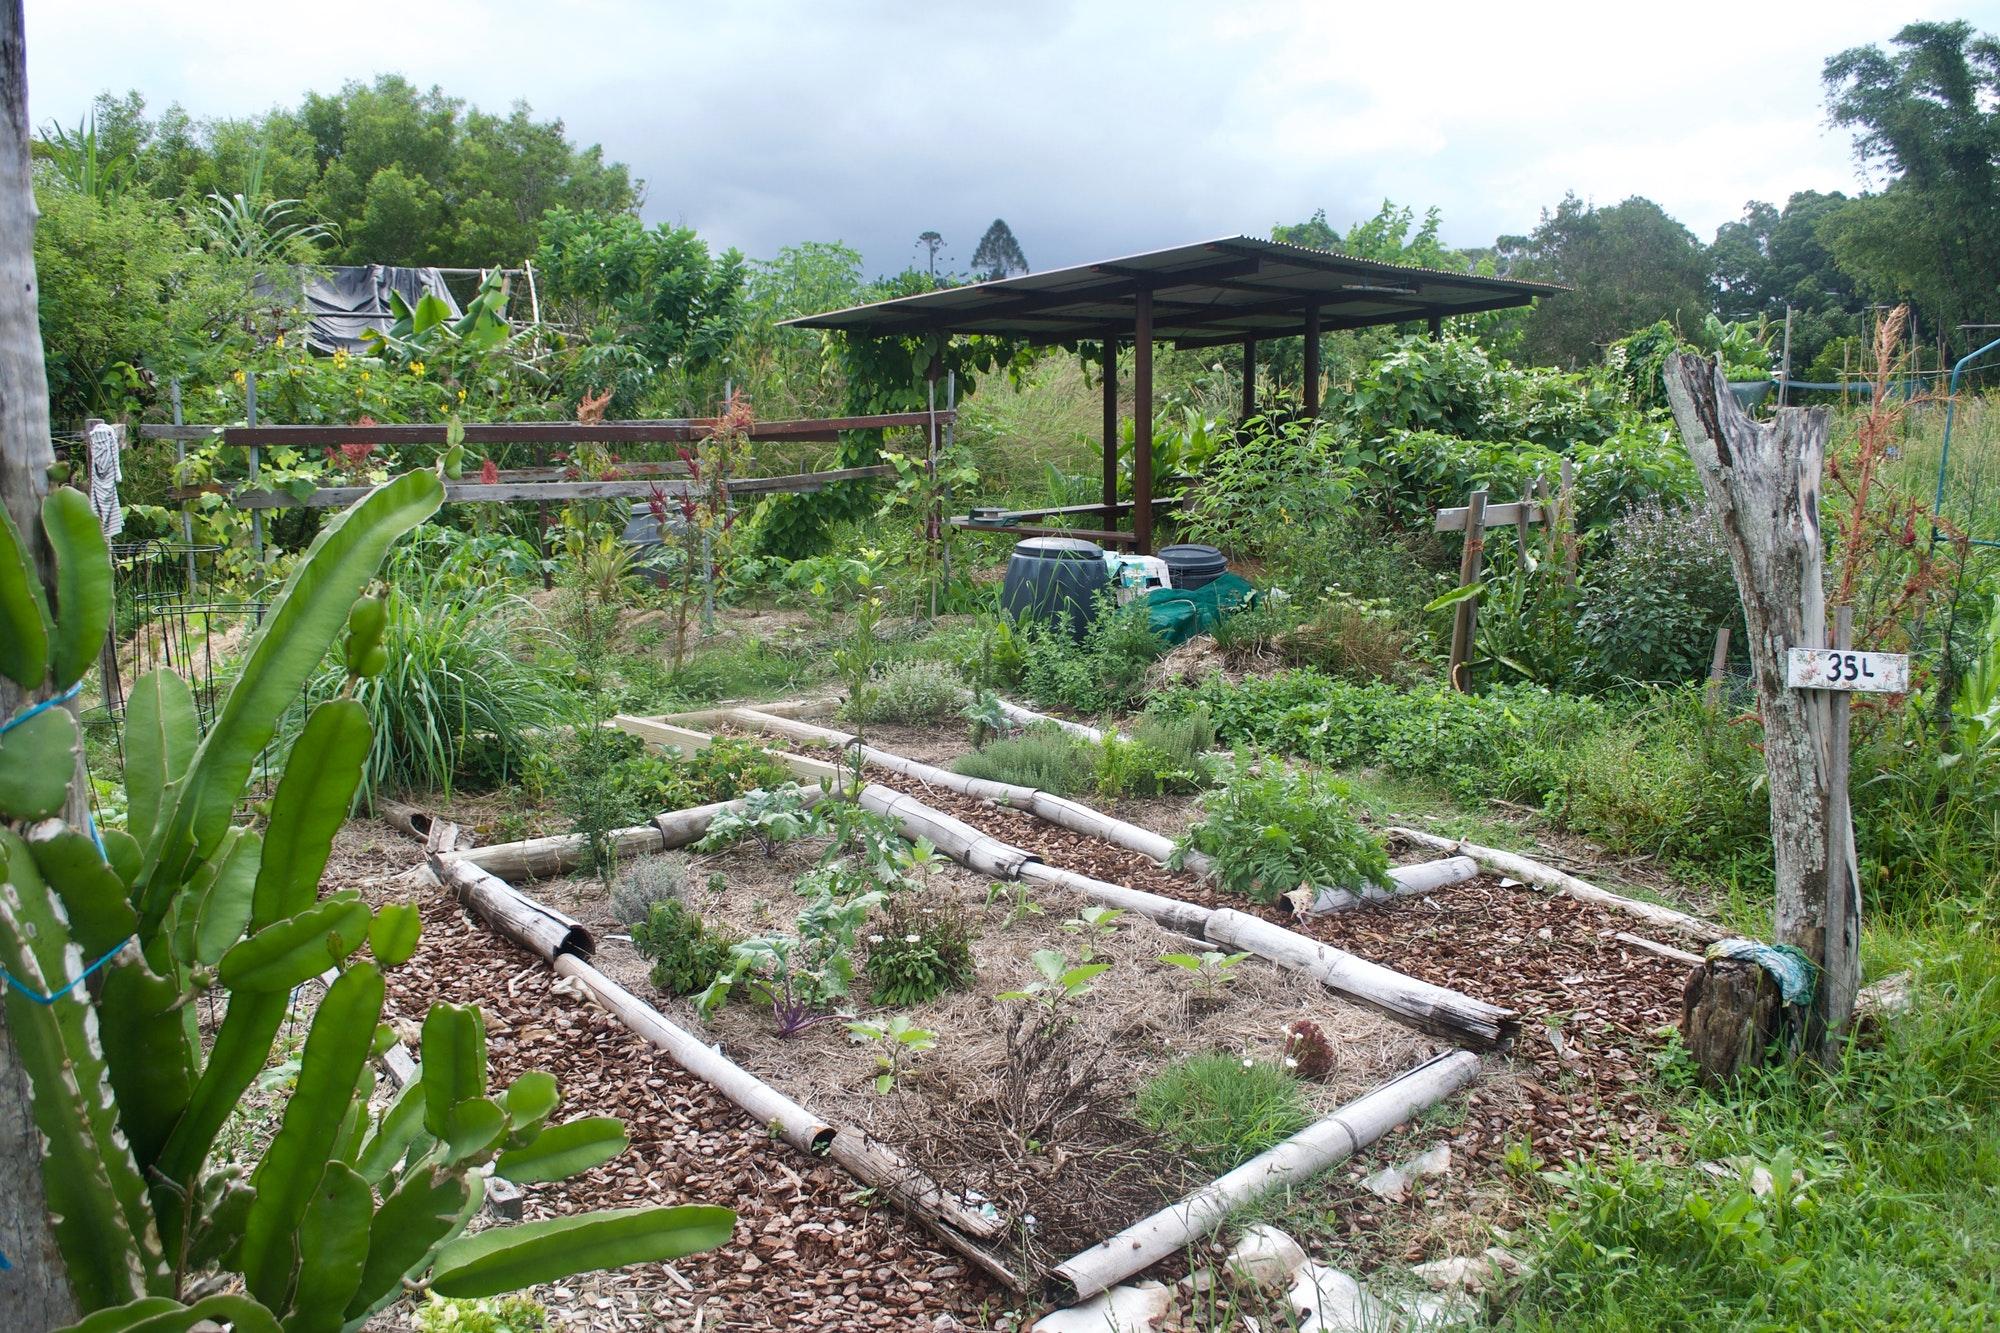 comment faire de la permaculture dans mon jardin